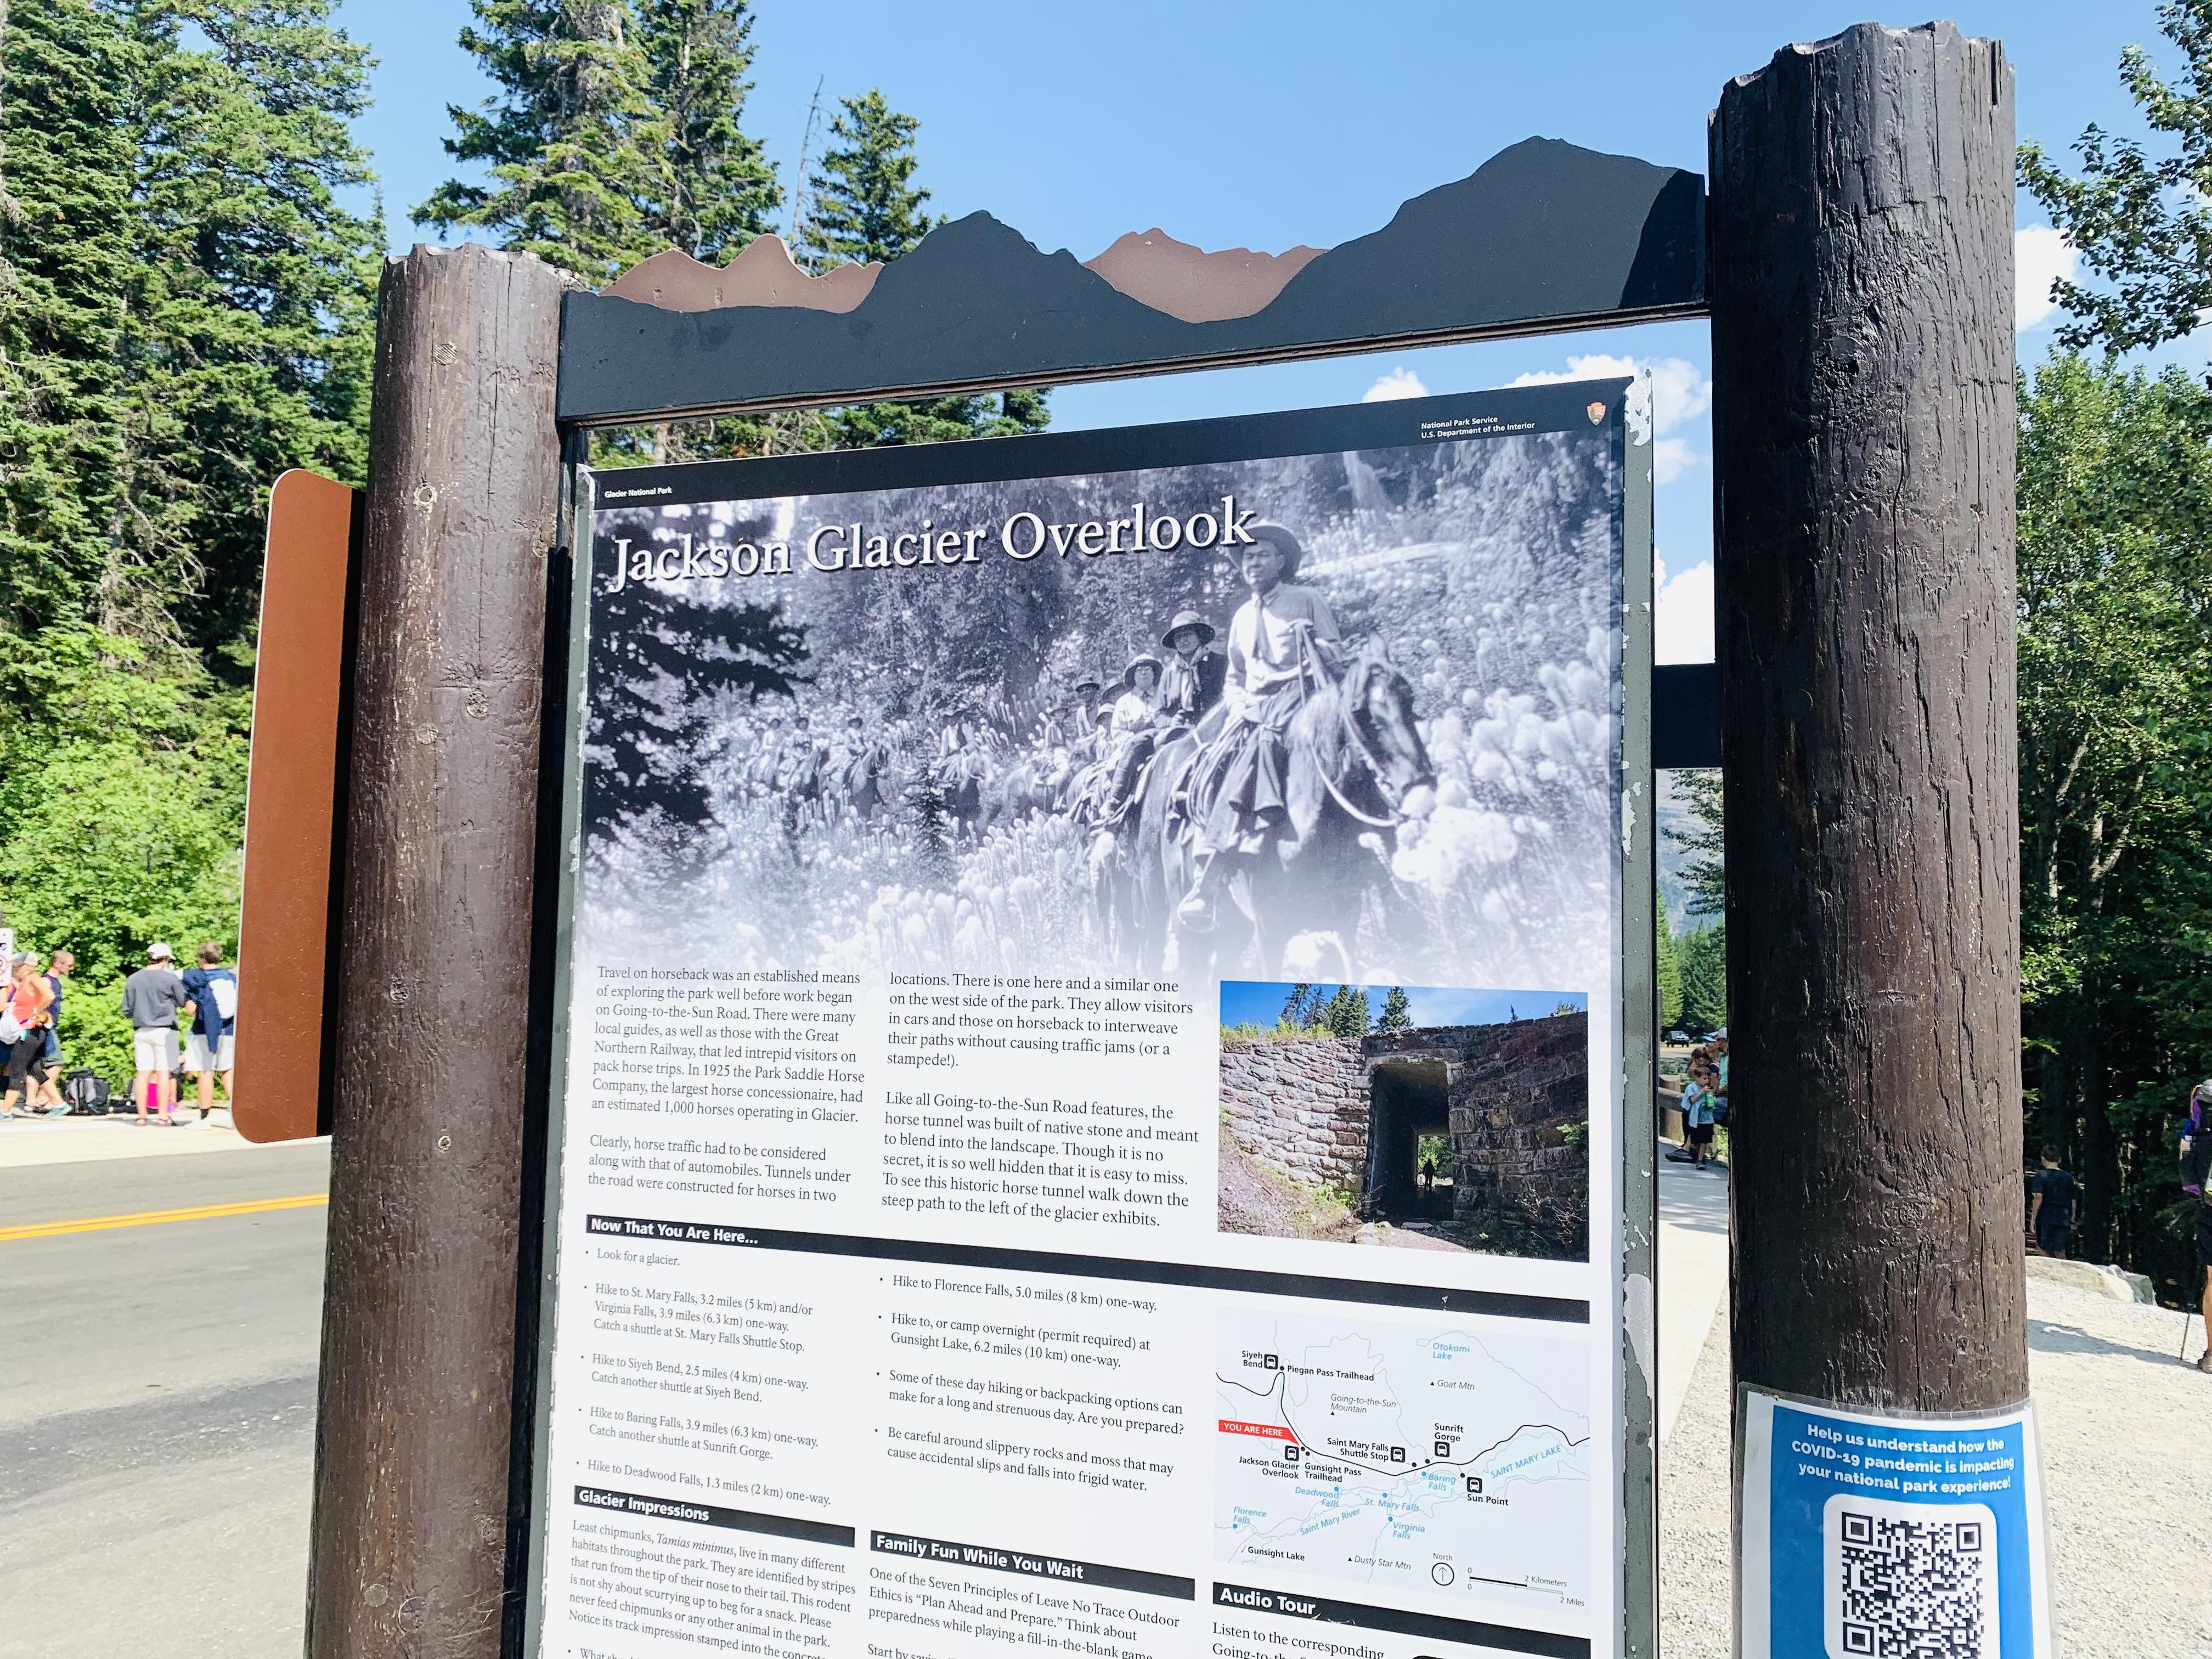 Jaclkson Glacier Overlook sign